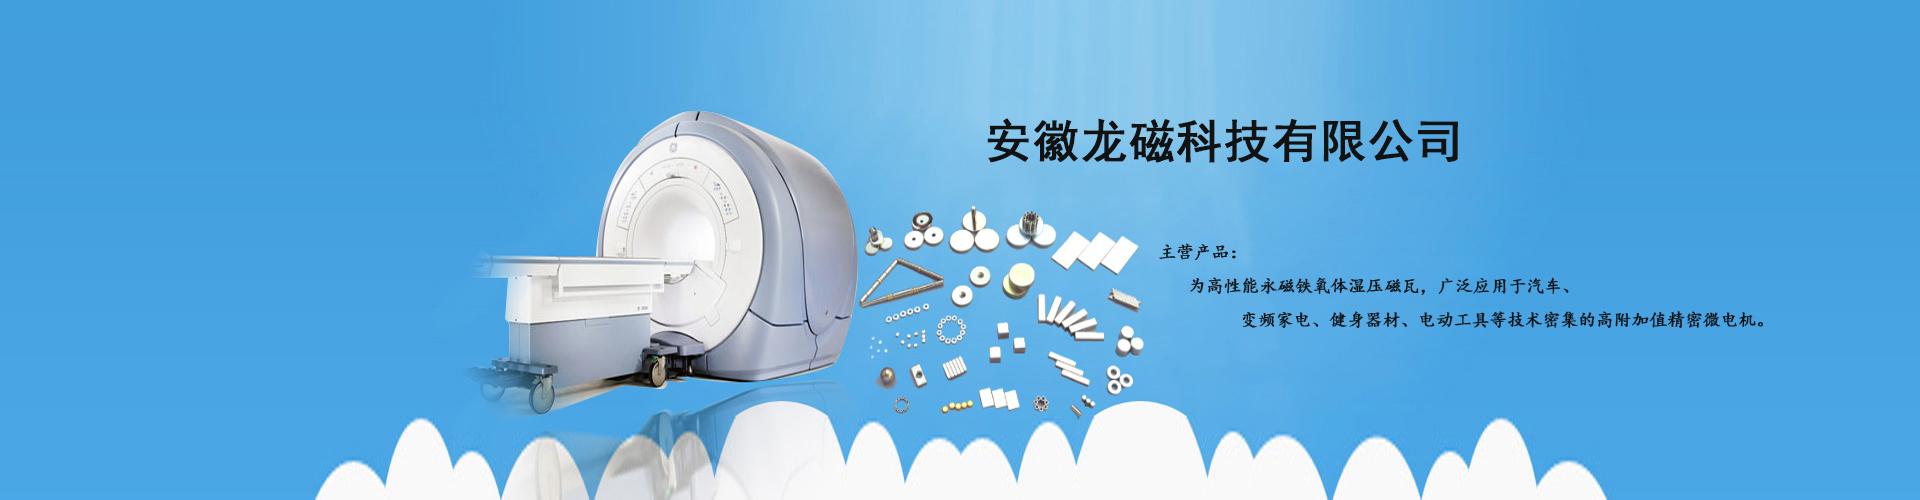 安徽龙磁科技有限公司-banner